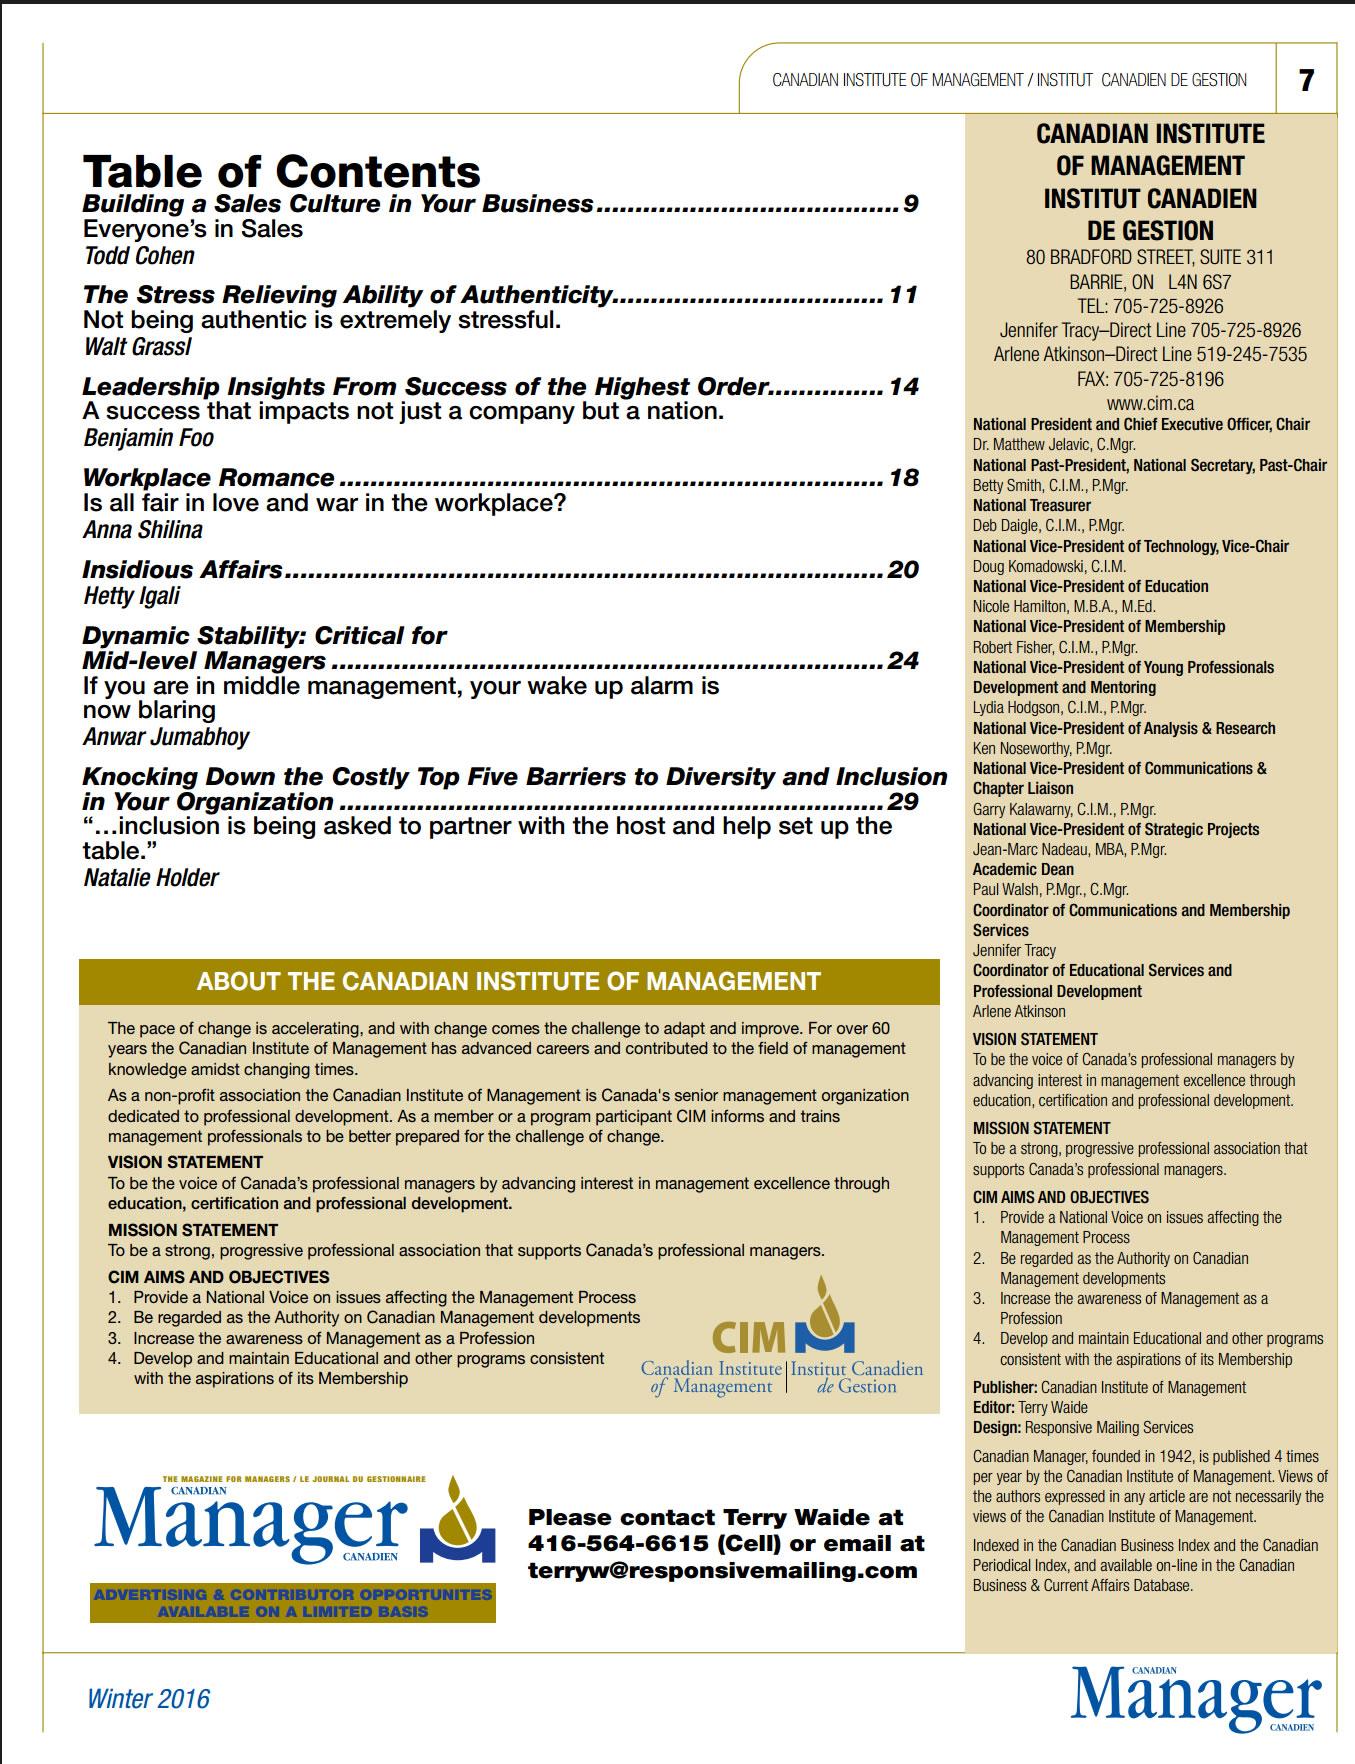 CIM Contents Scrapbook_1458739865426